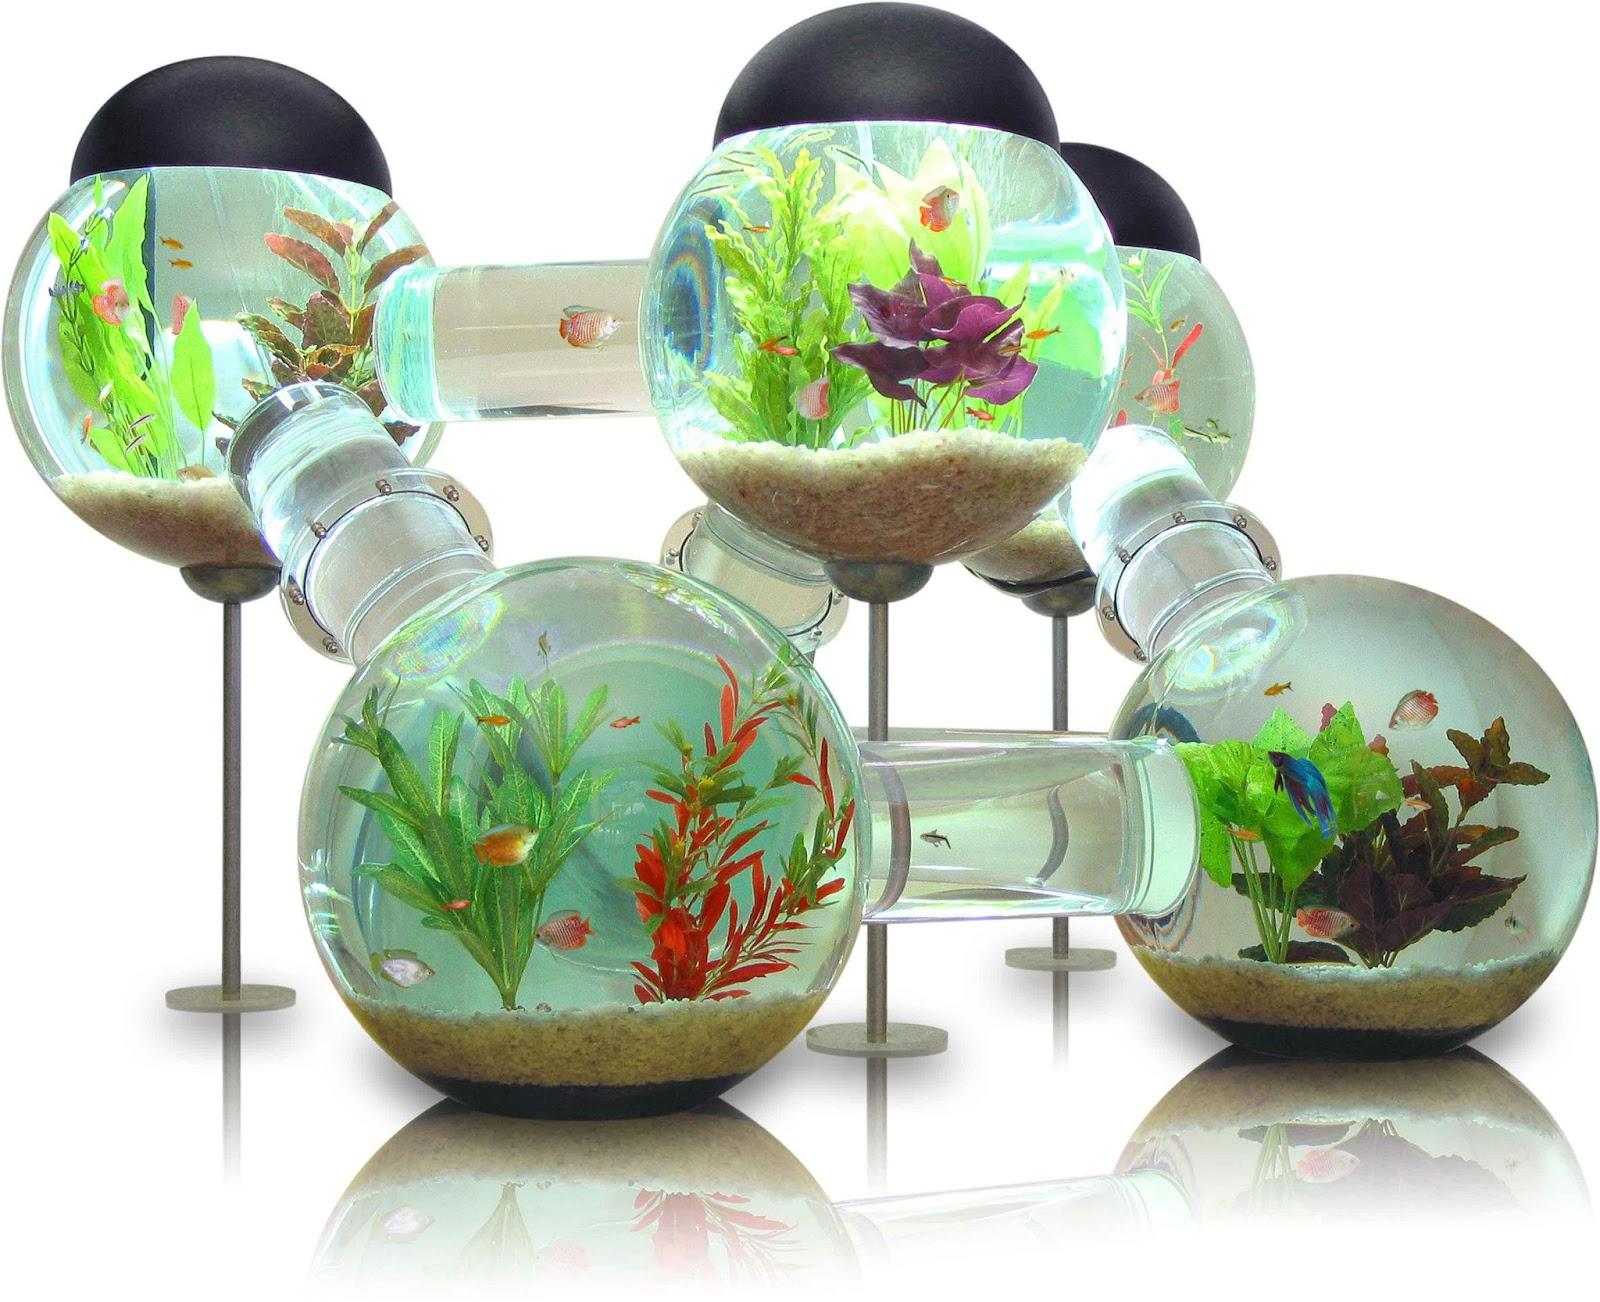 Freshwater aquarium fish exotic - Freshwater Aquarium Fish Images Pelvicachromis Kribensis Freshwater Aquarium Fish Free Wallpaper In